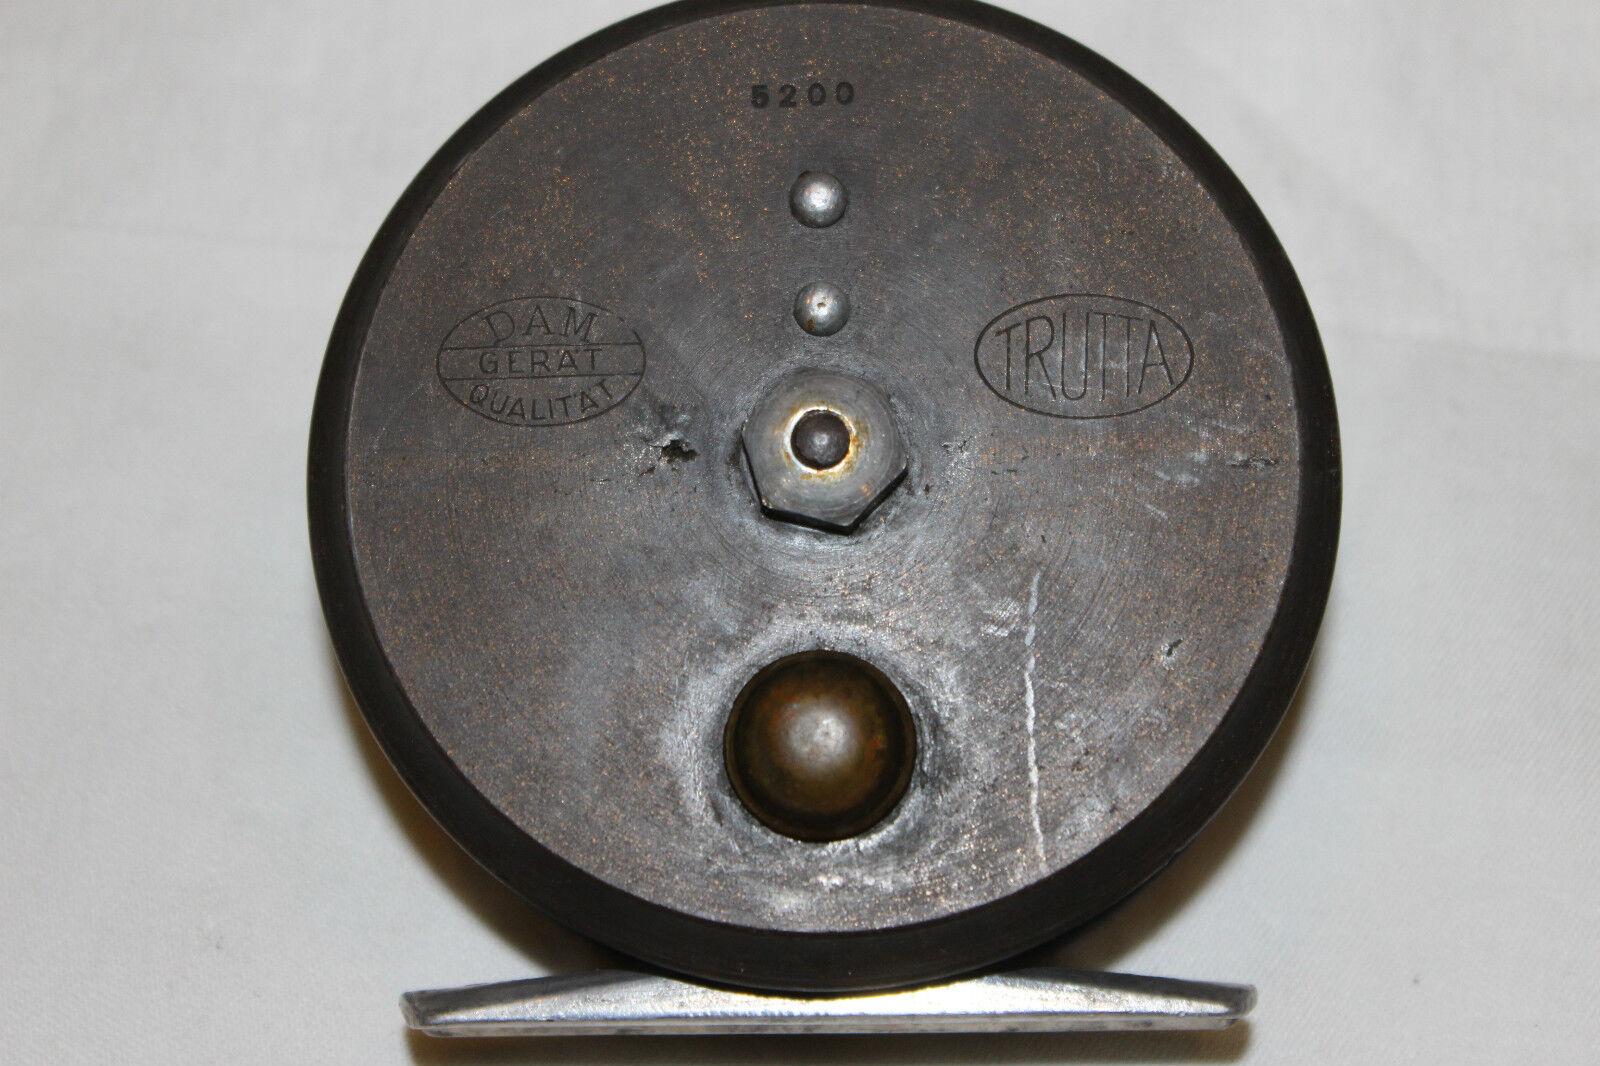 Dam  trutta 5200   Dam Device Quality-no. 2  quick answers